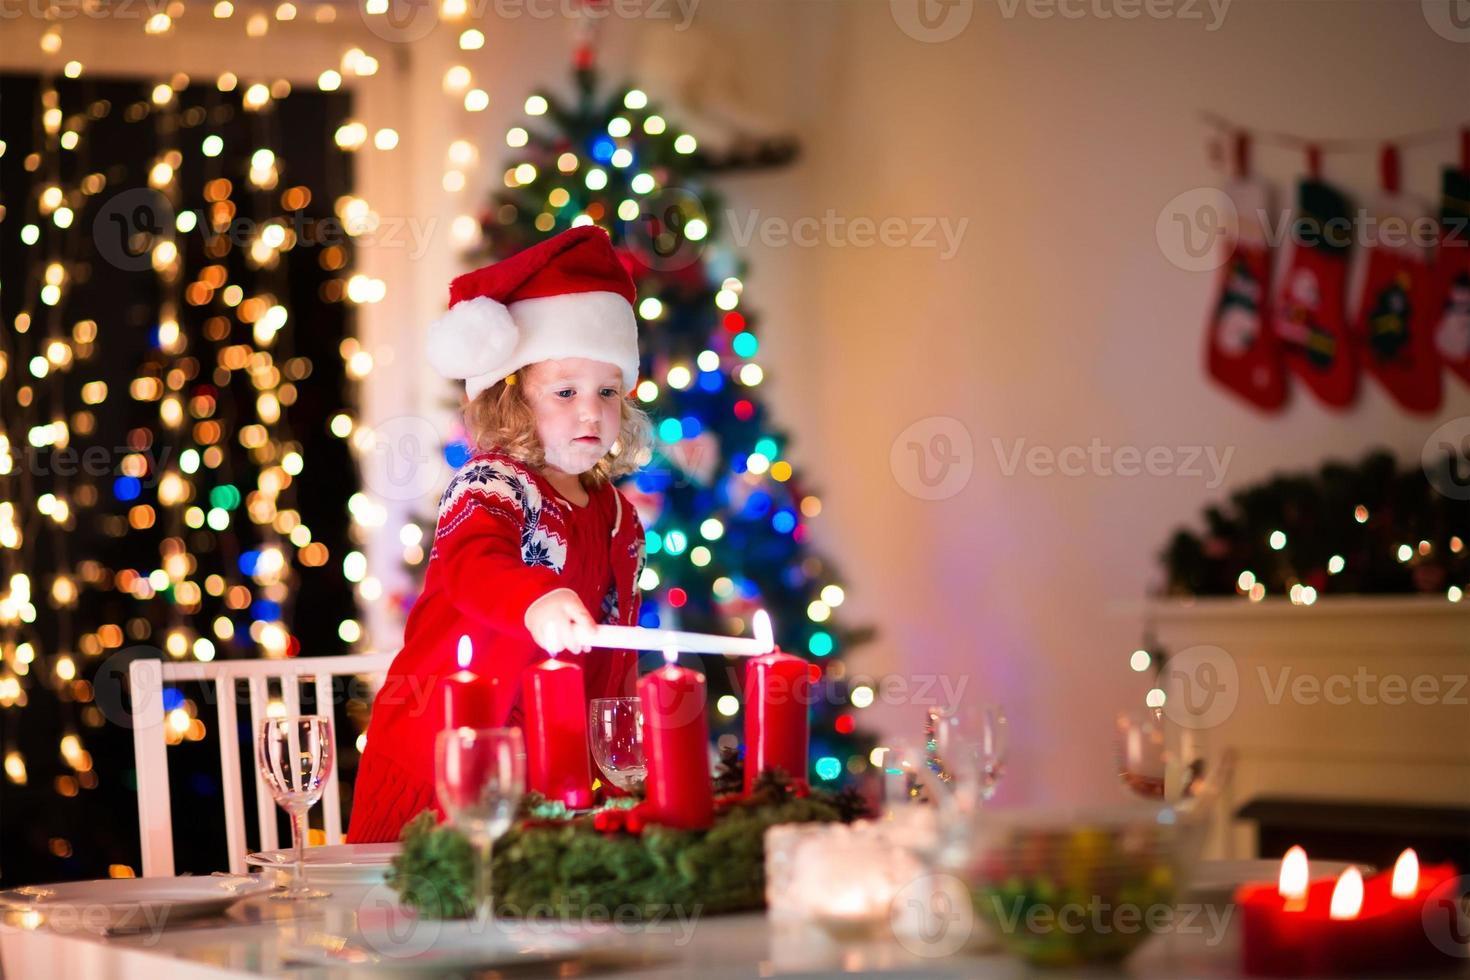 bambino a cena di Natale in famiglia a casa foto